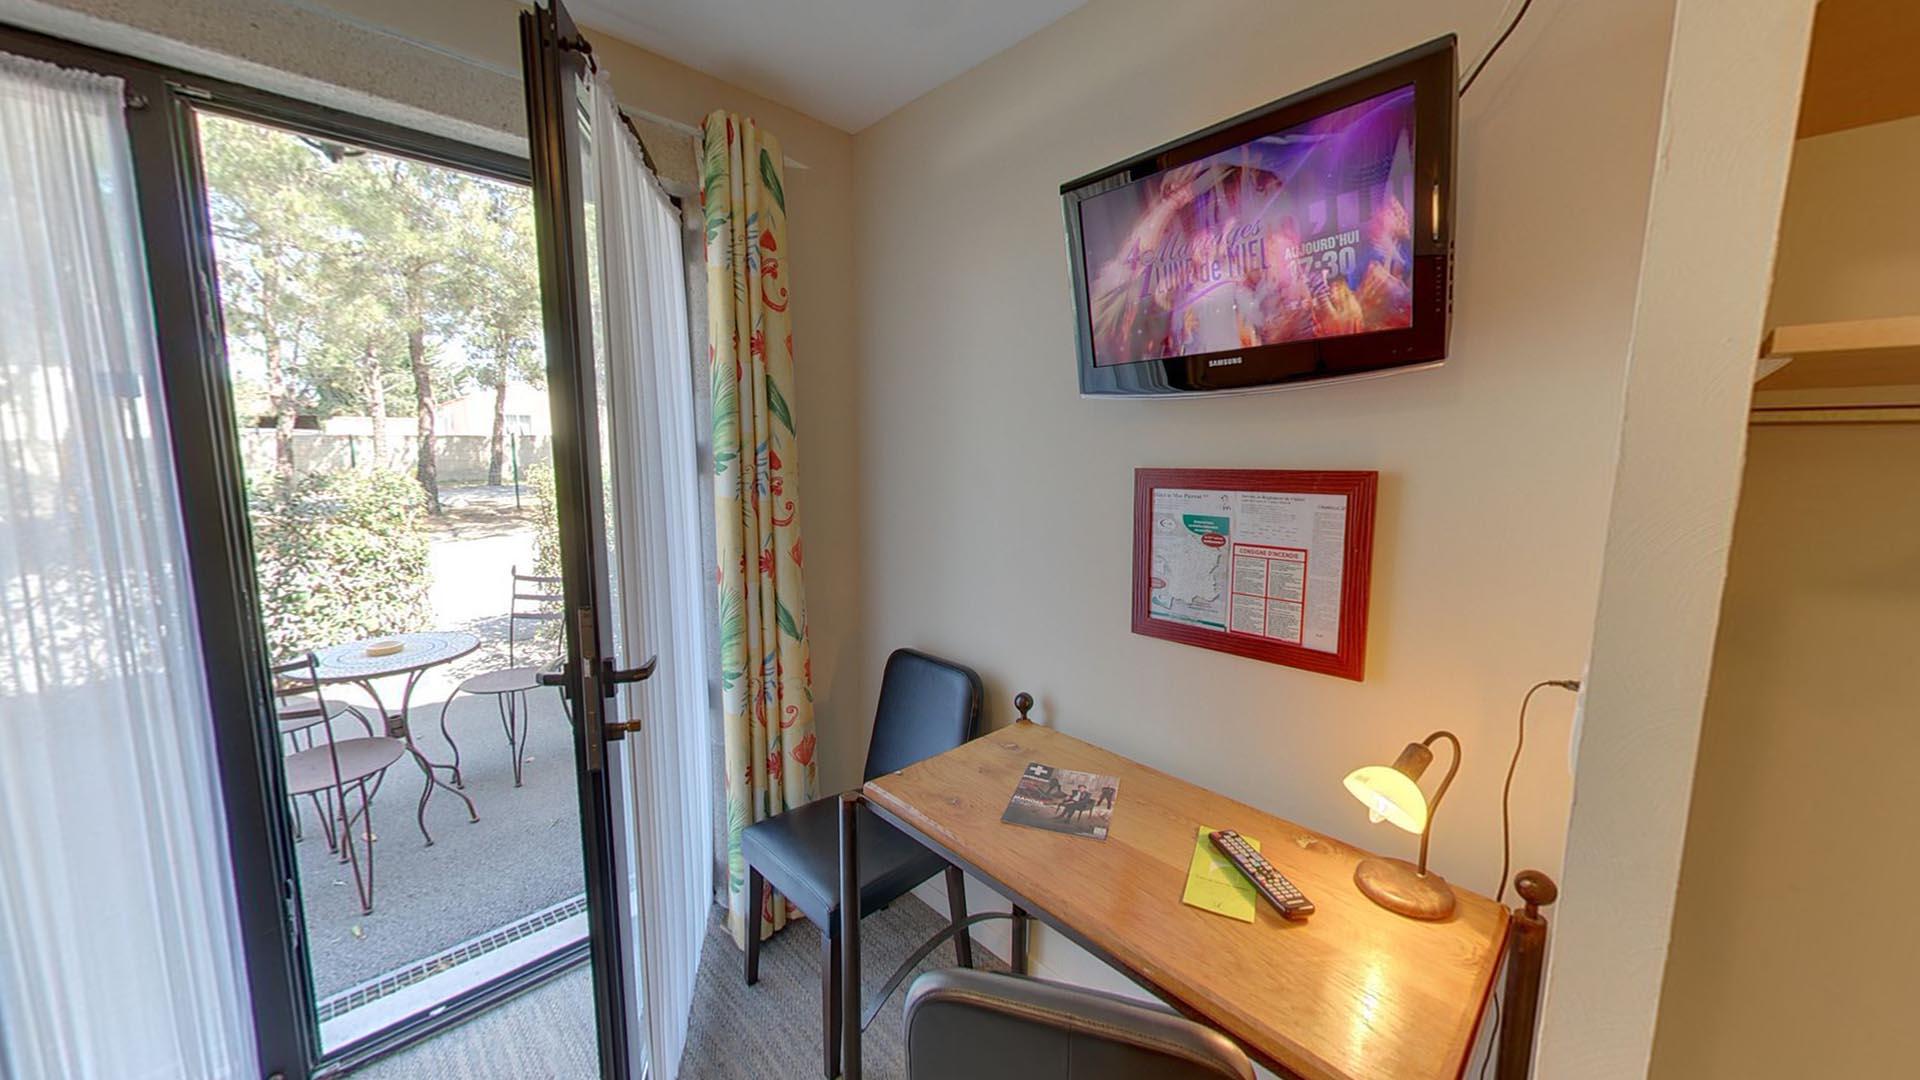 tv dans la chambre meuble tv pour chambre petit meuble pour tv maison et mobilier d intrieur. Black Bedroom Furniture Sets. Home Design Ideas